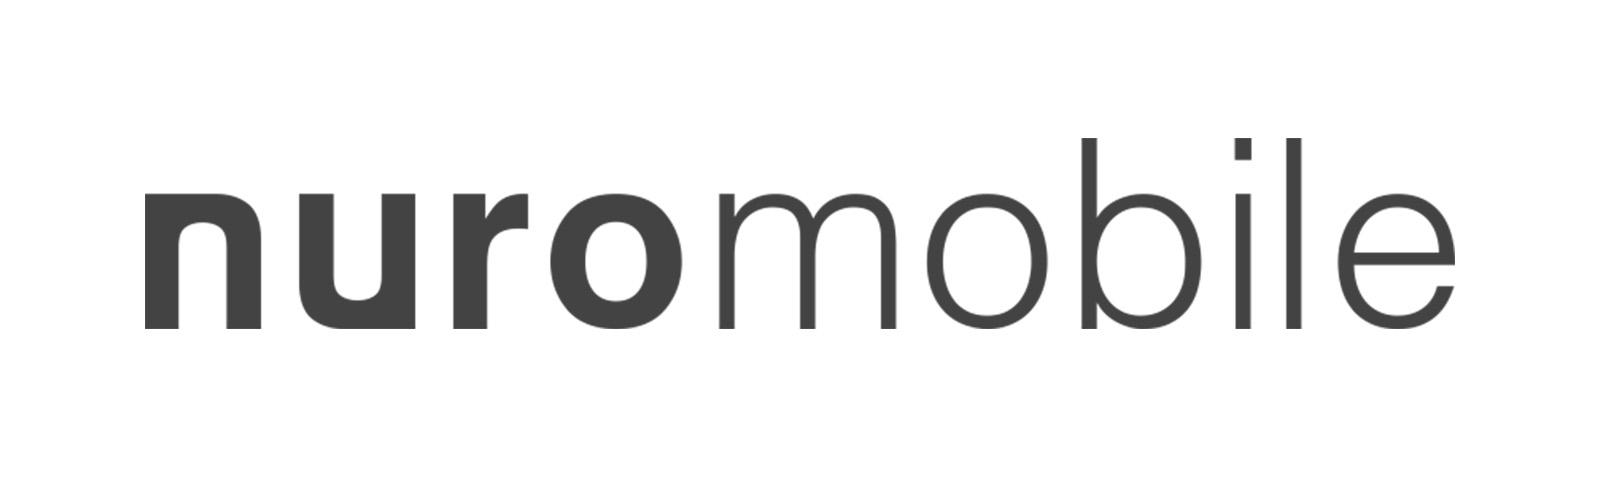 zenfone-3-mvno-compare-nuro-mobile